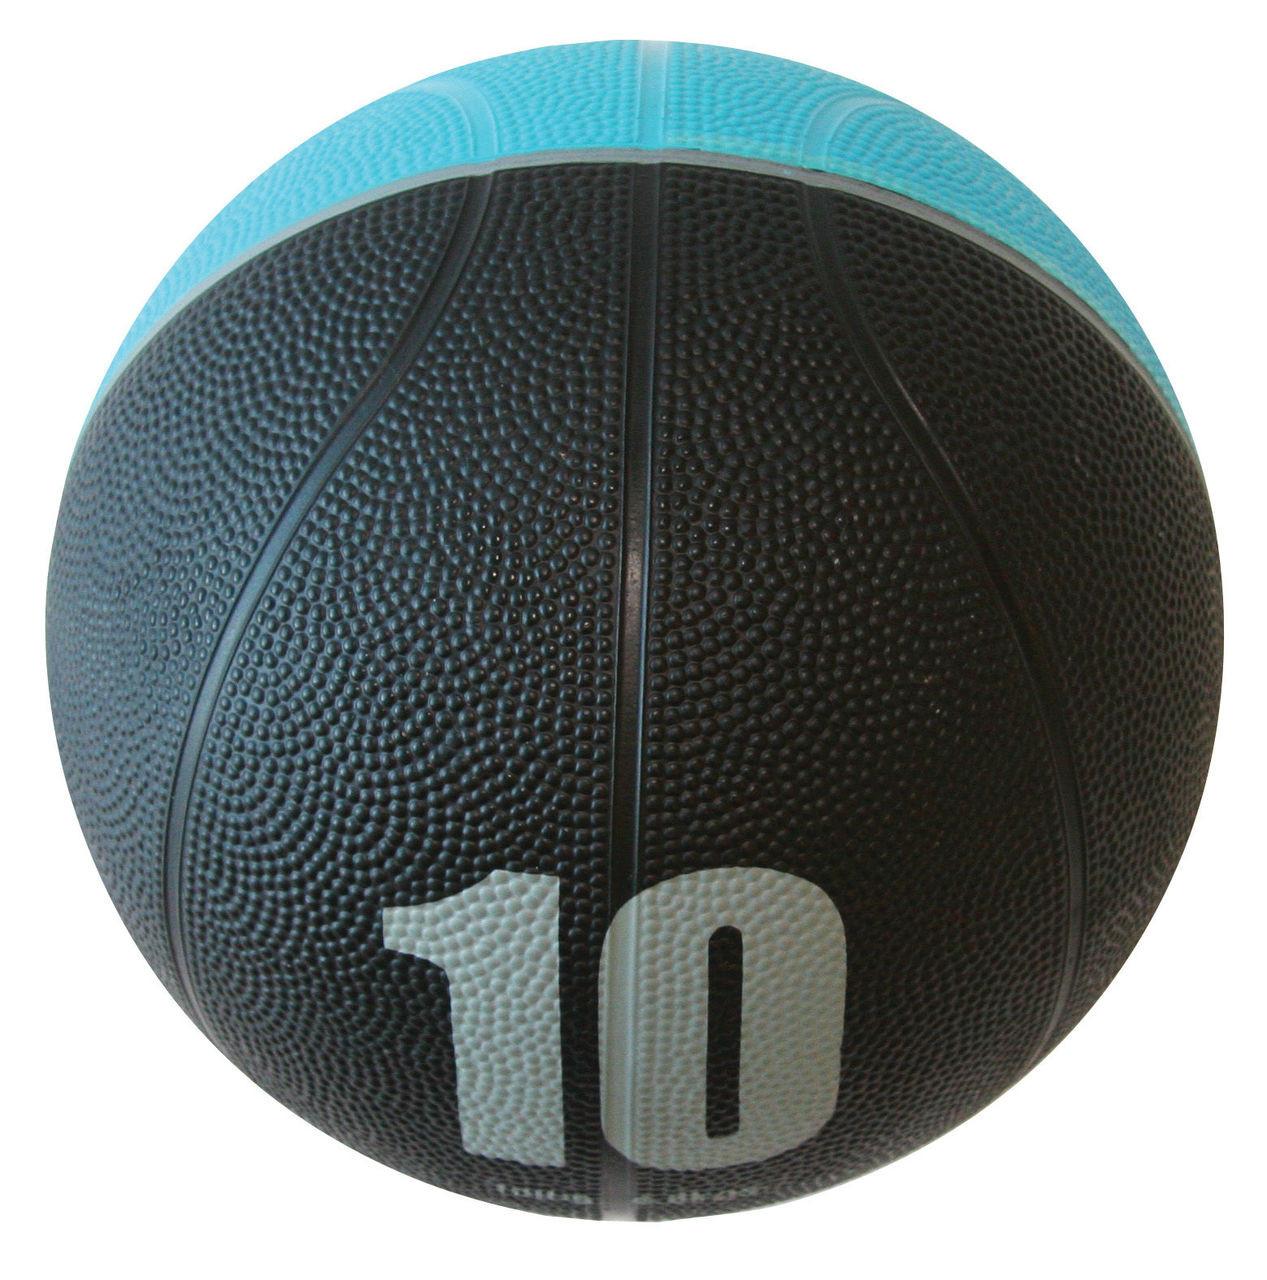 Spin Fitness Medicine Ball 10lb Spinning